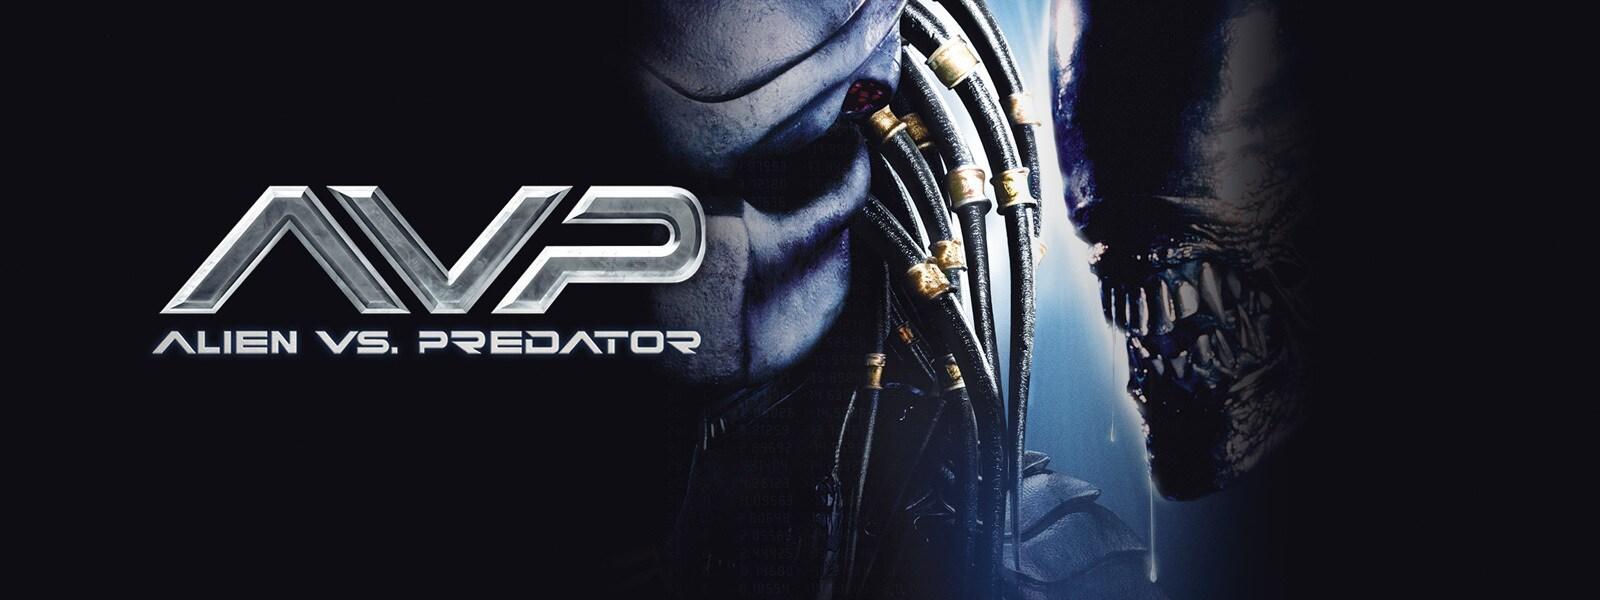 エイリアンVS.プレデター Alien vs. Predator Hero